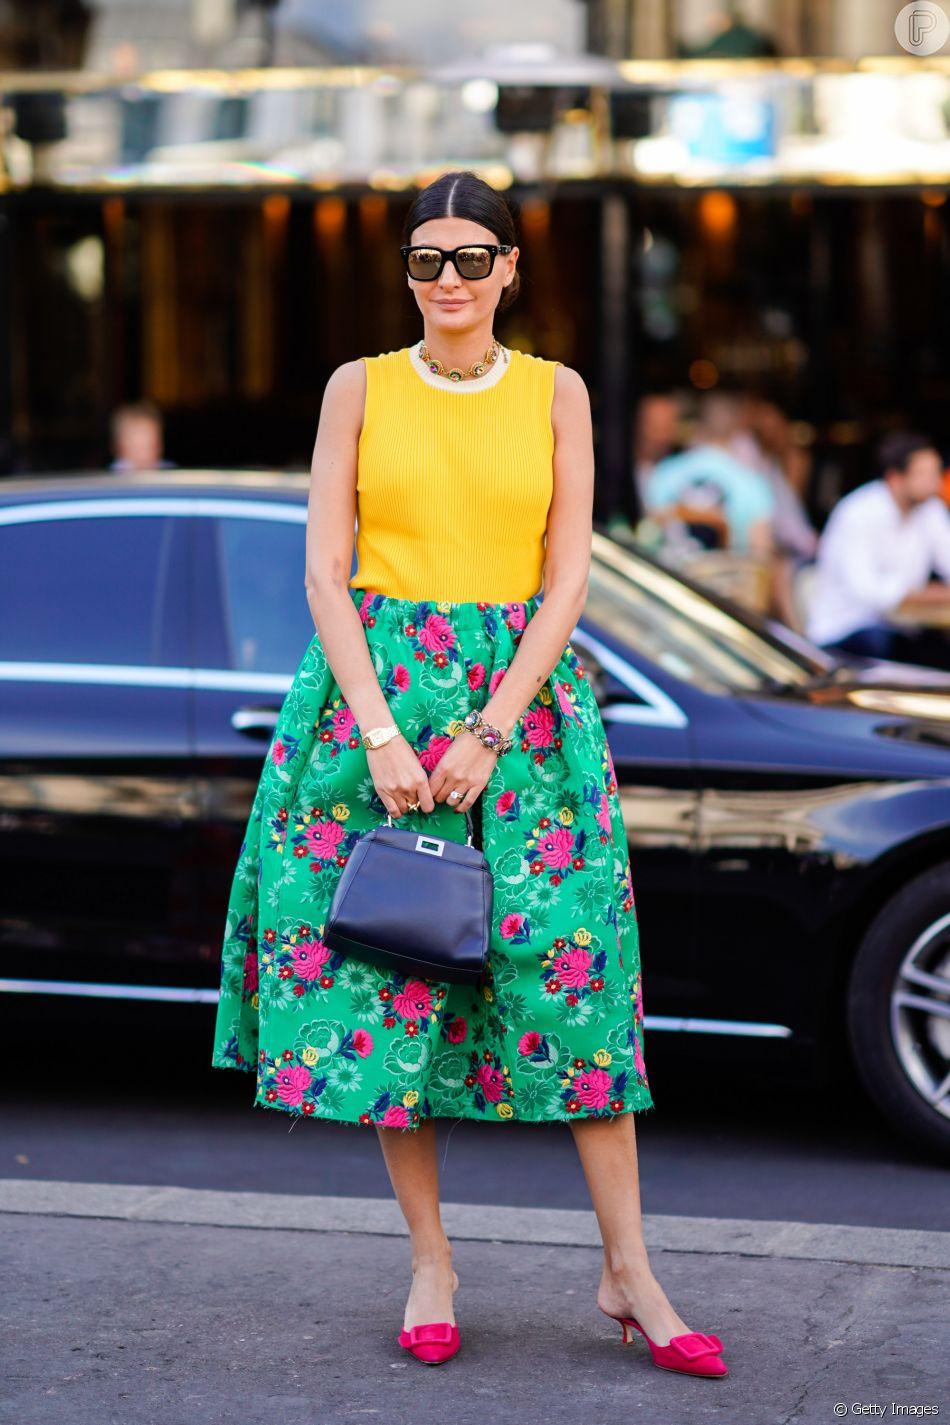 aac6172e798 Moda de verão  looks e tendências da estação pra você se inspirar ...